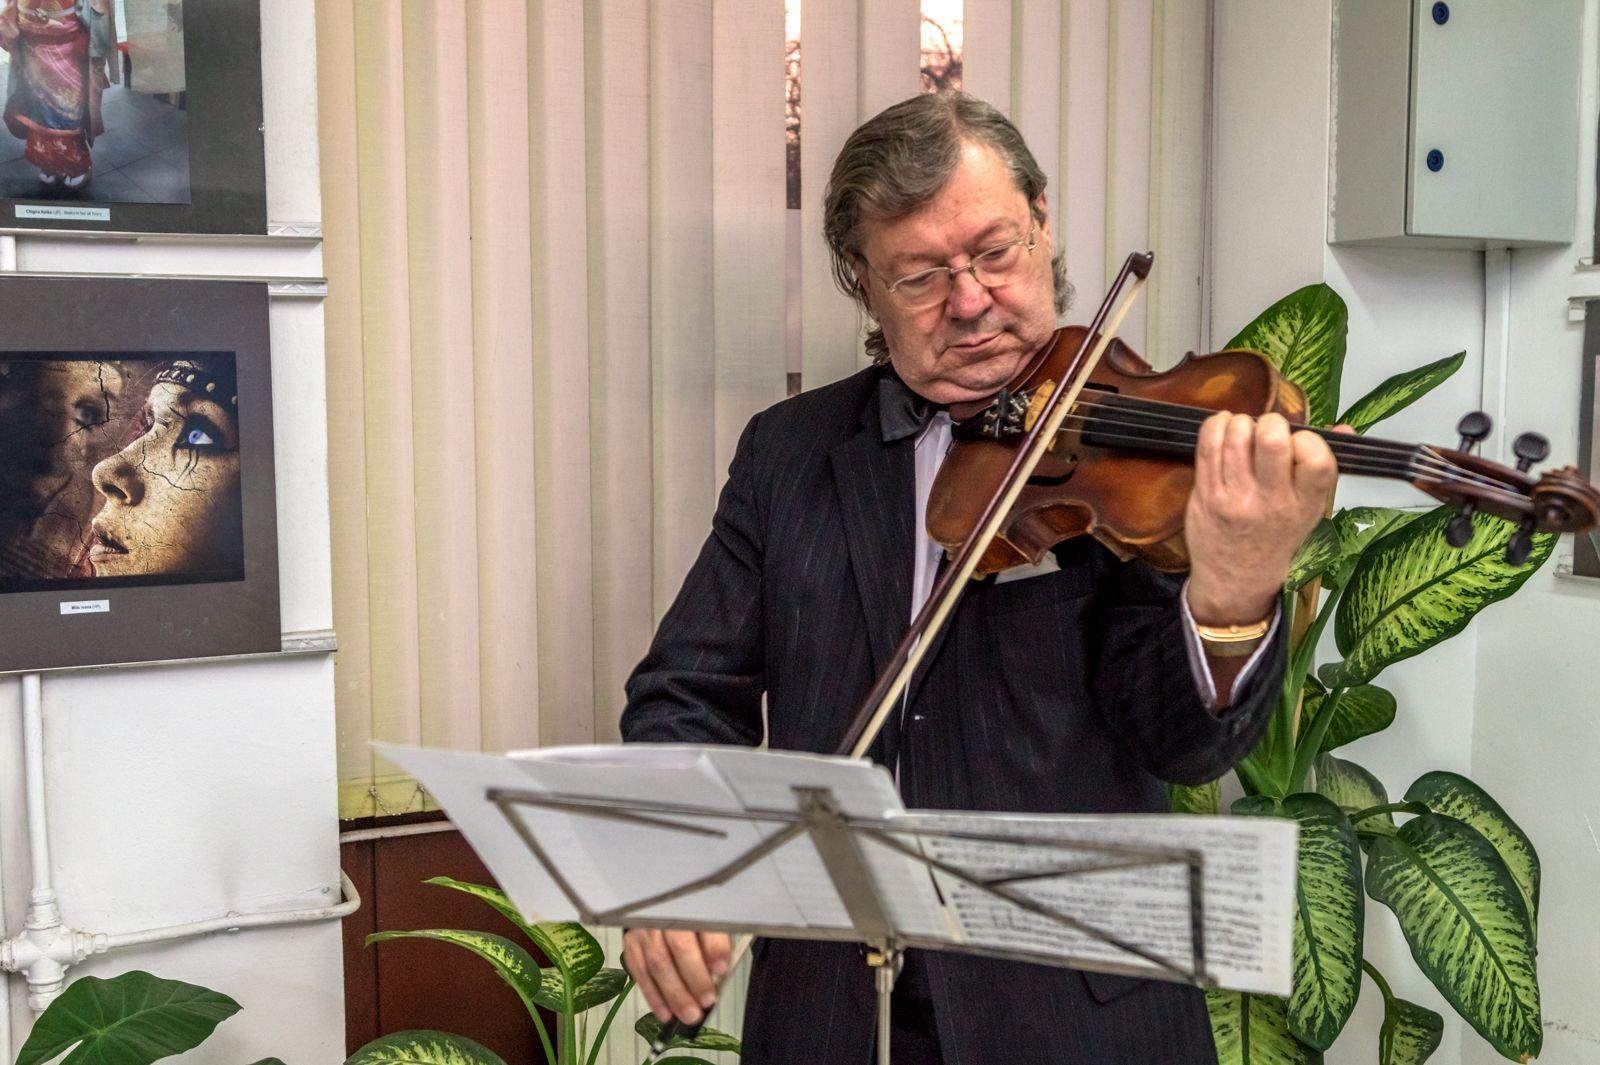 Photo: Ovidiu Selegean